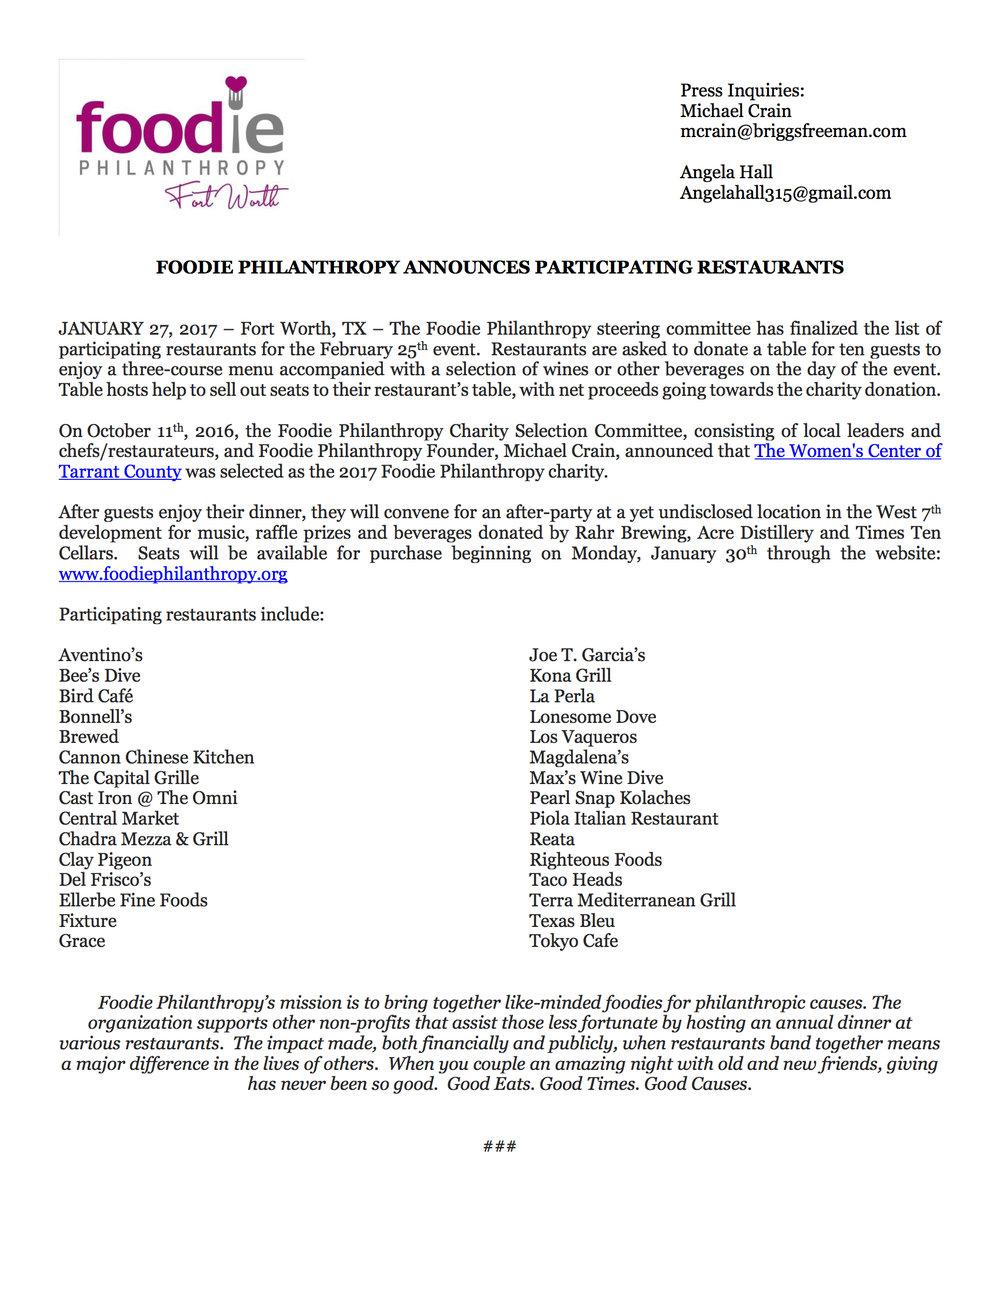 FP Press Release 1.27.17.jpg